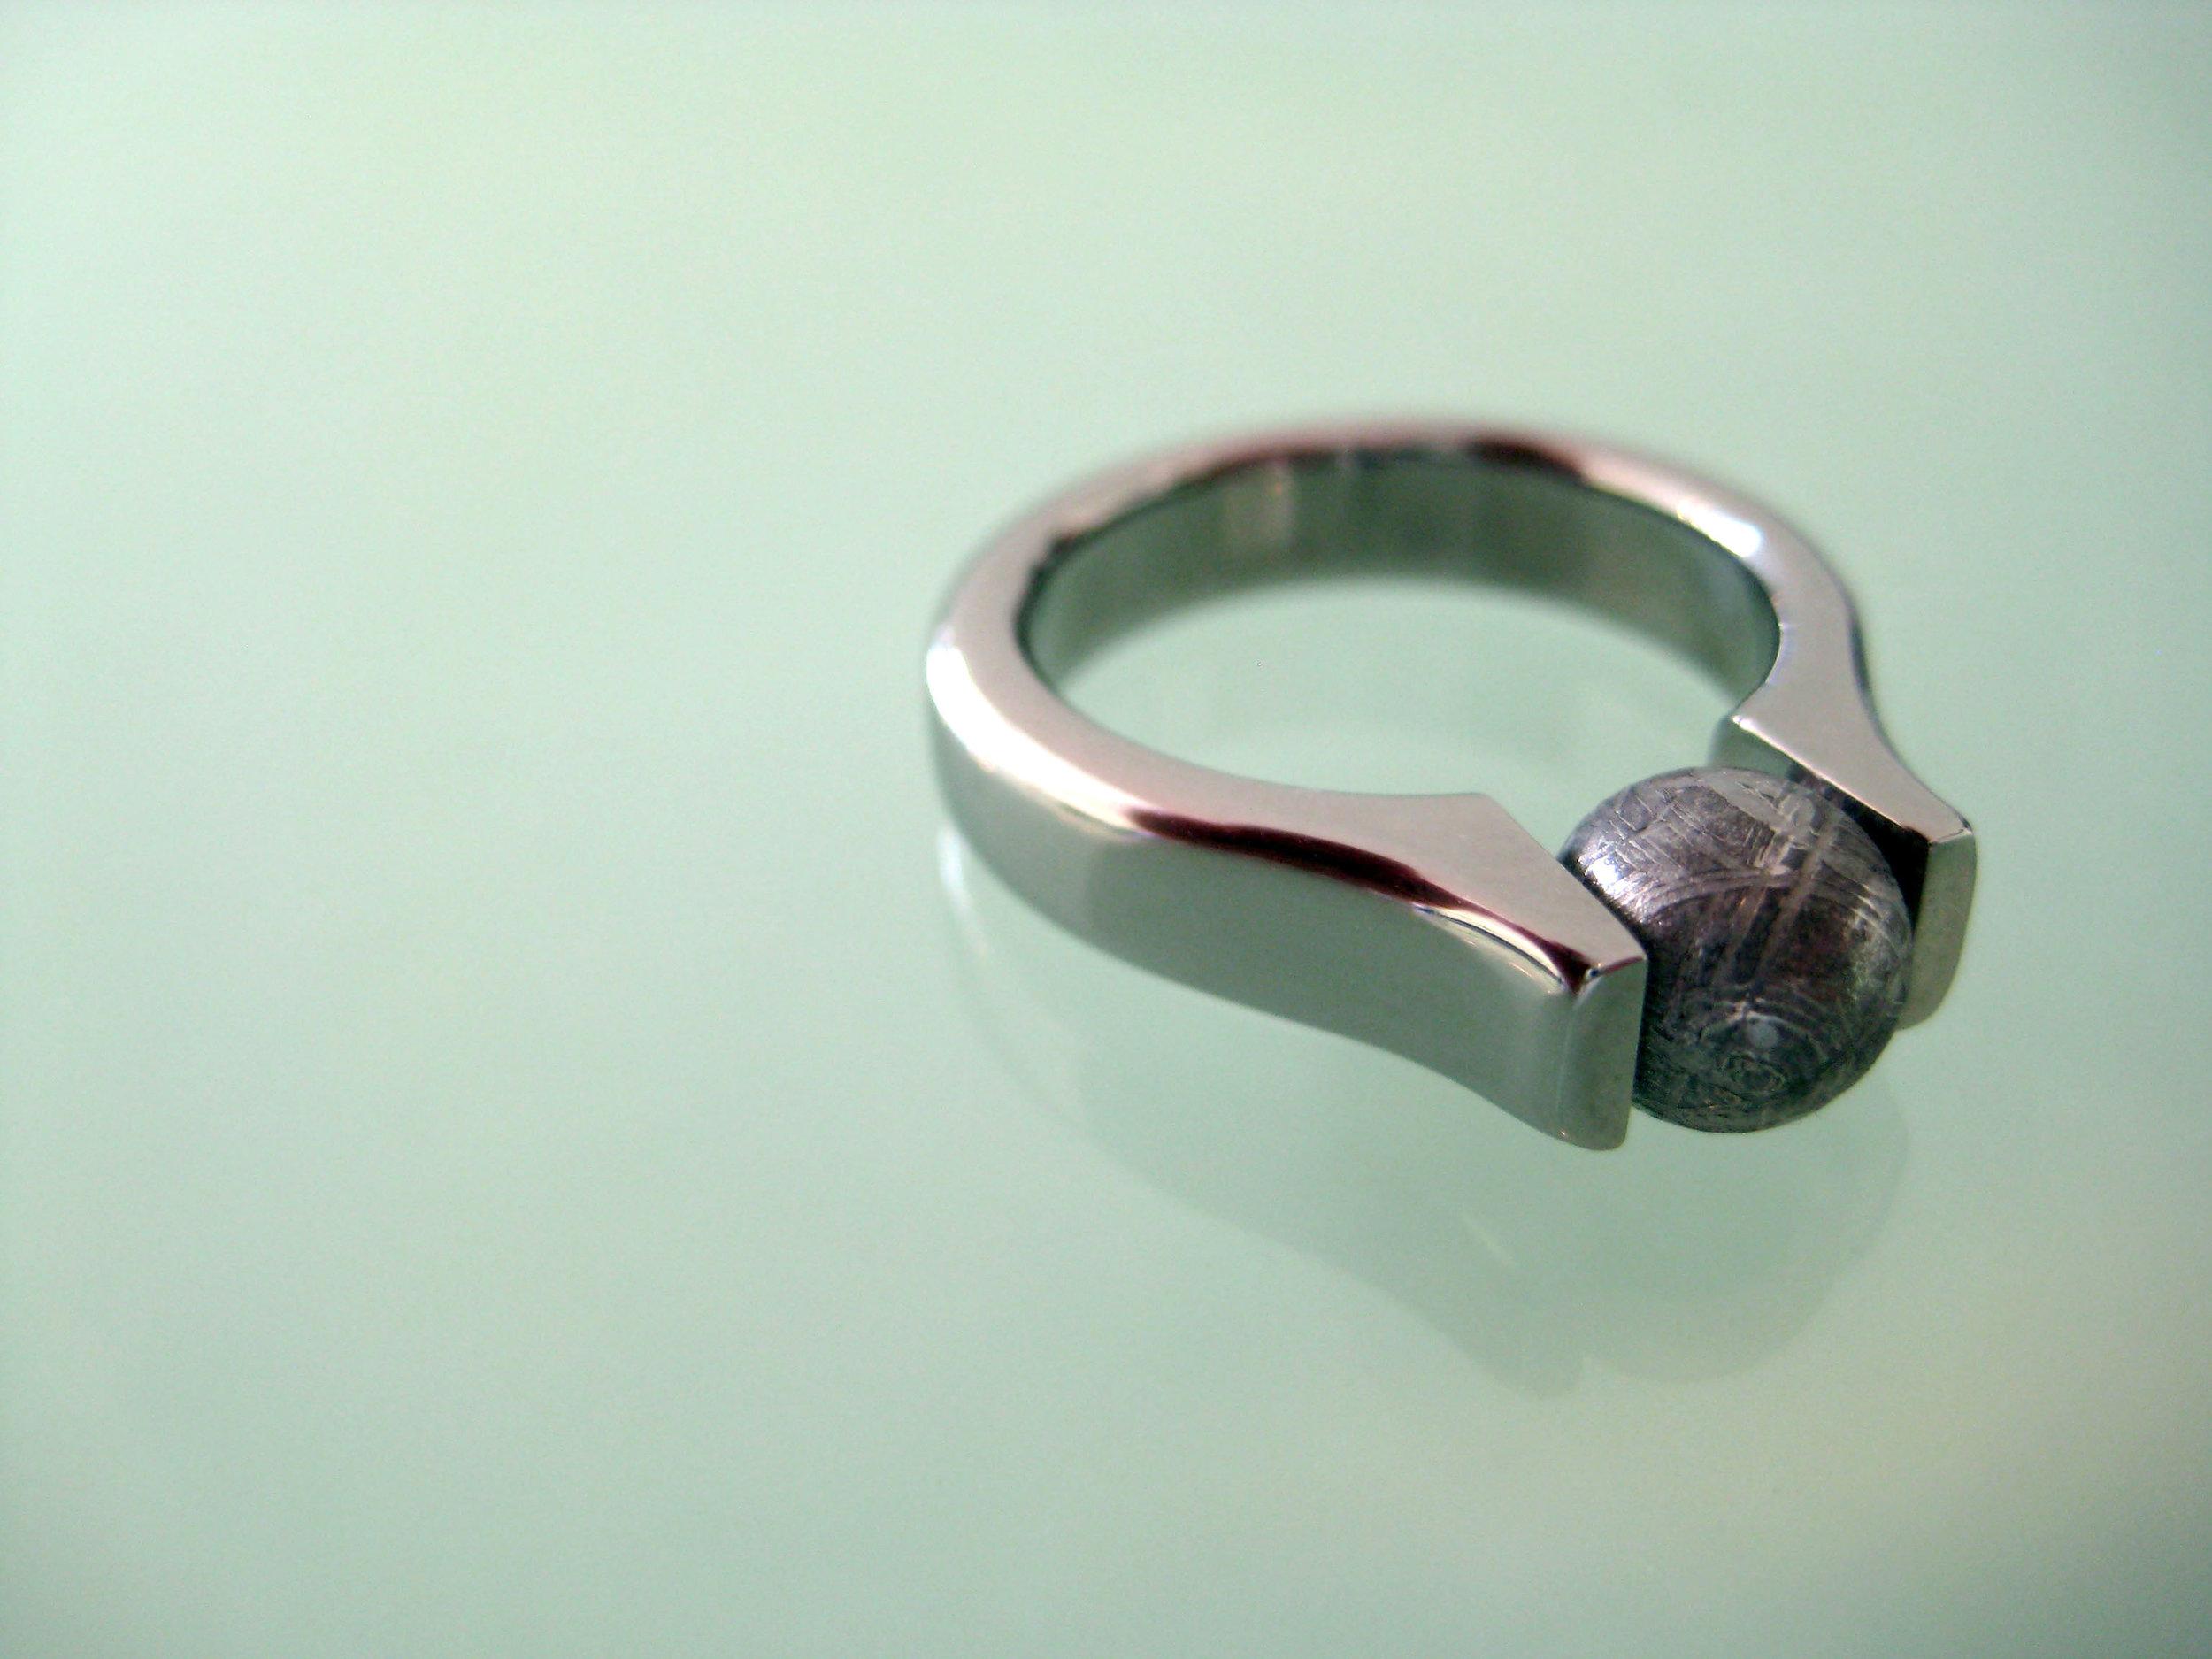 darvier-tension-meteorite-bead-ring.JPG